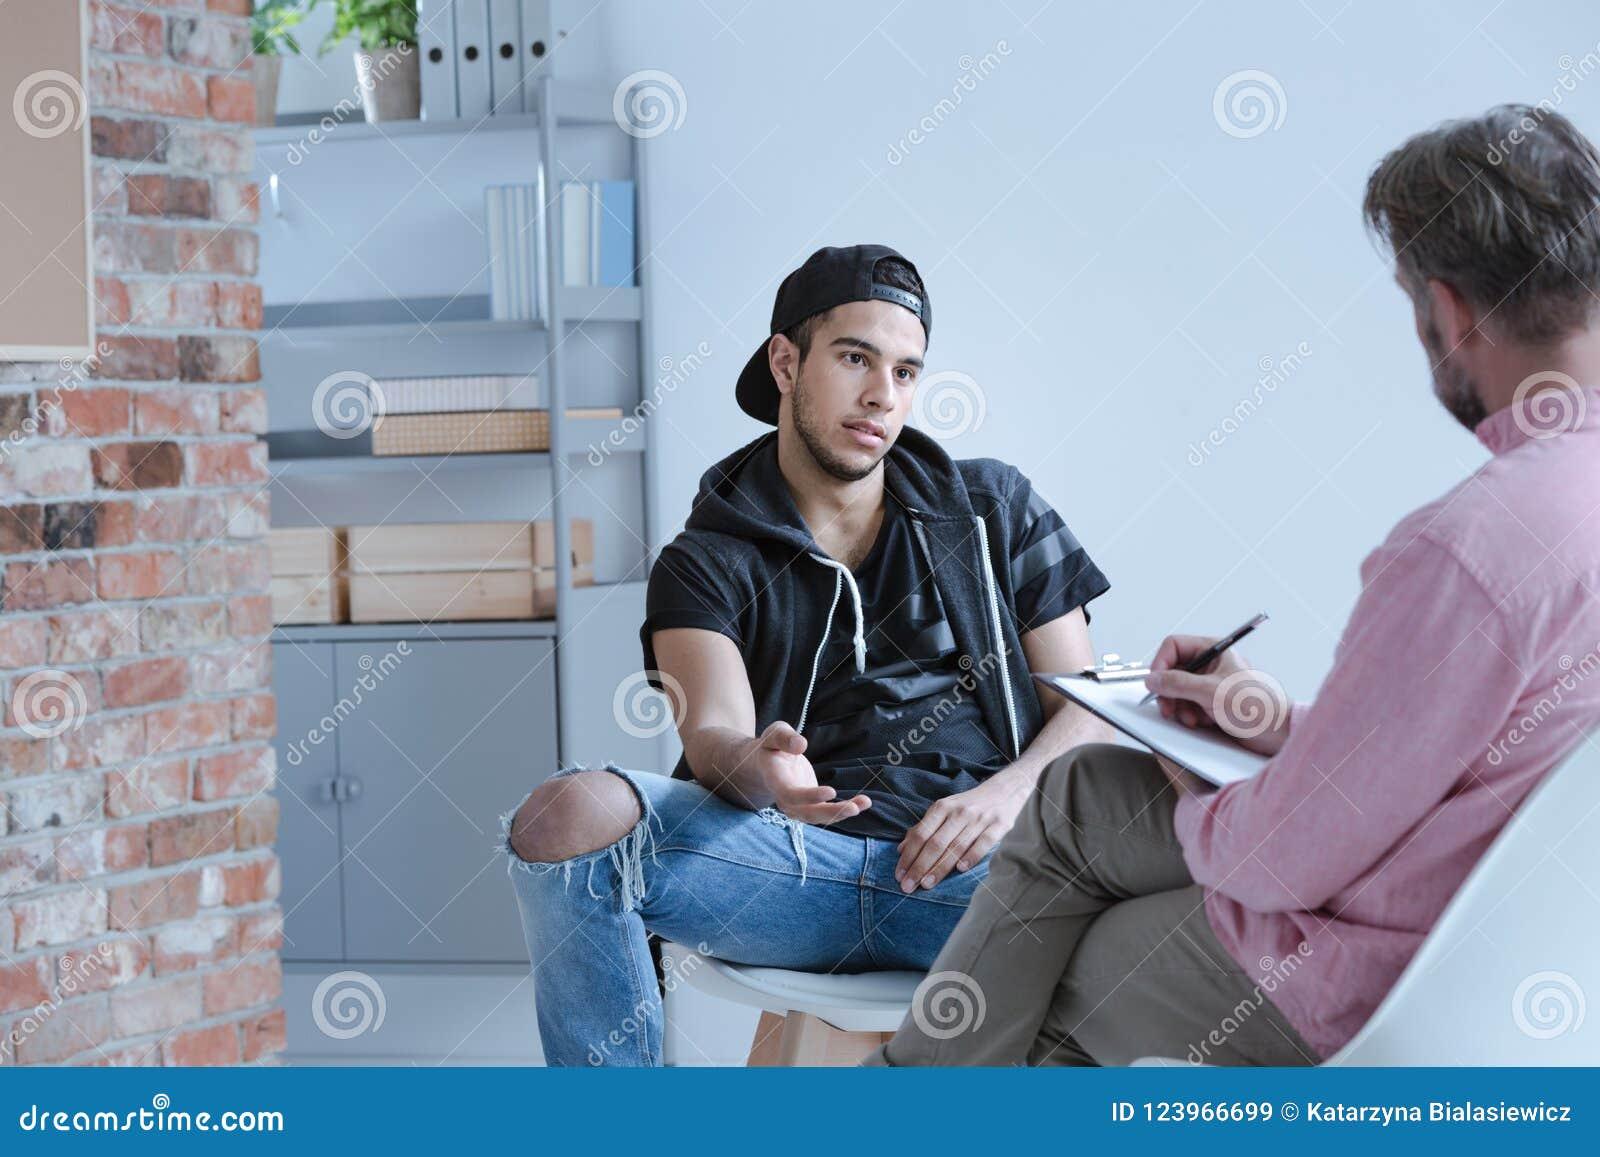 Buntowniczy nastoletni chłopak z behawioralnymi problemami i przestępca za t